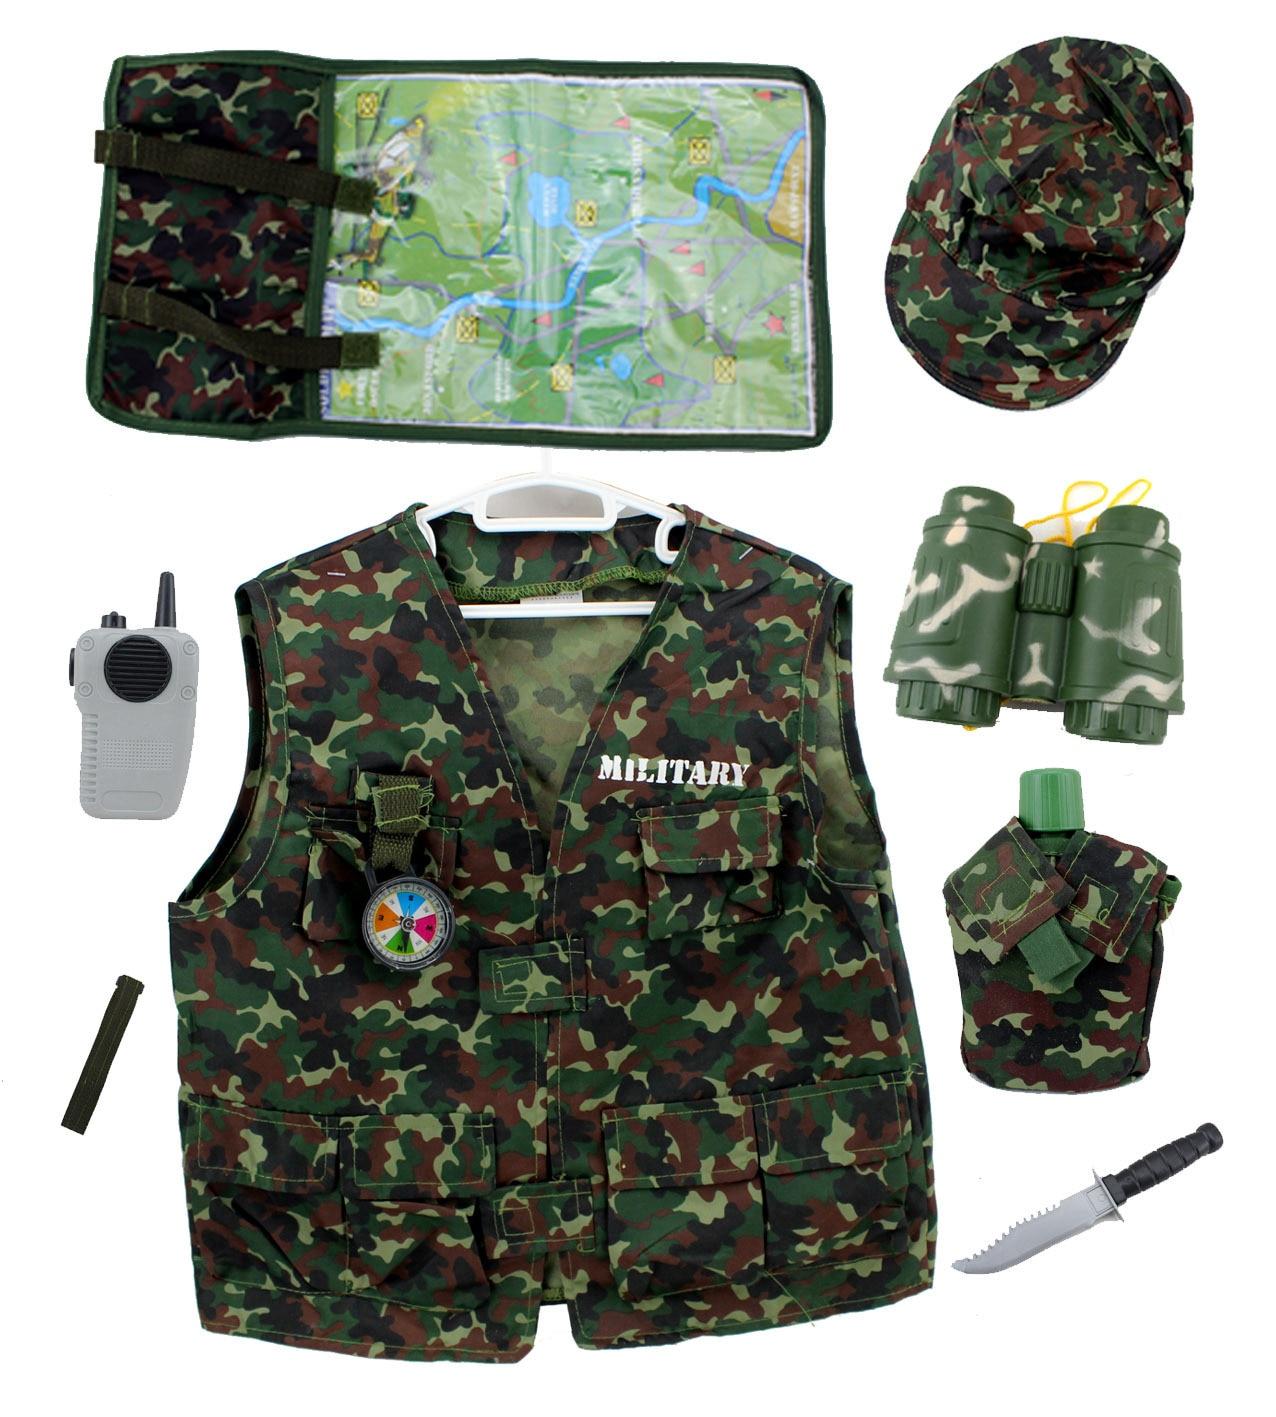 Ropa aromática Hope ropa de Día de los niños ropa de actuación de vacaciones campo operaciones Guerrilla ropa 0953 militar Cl